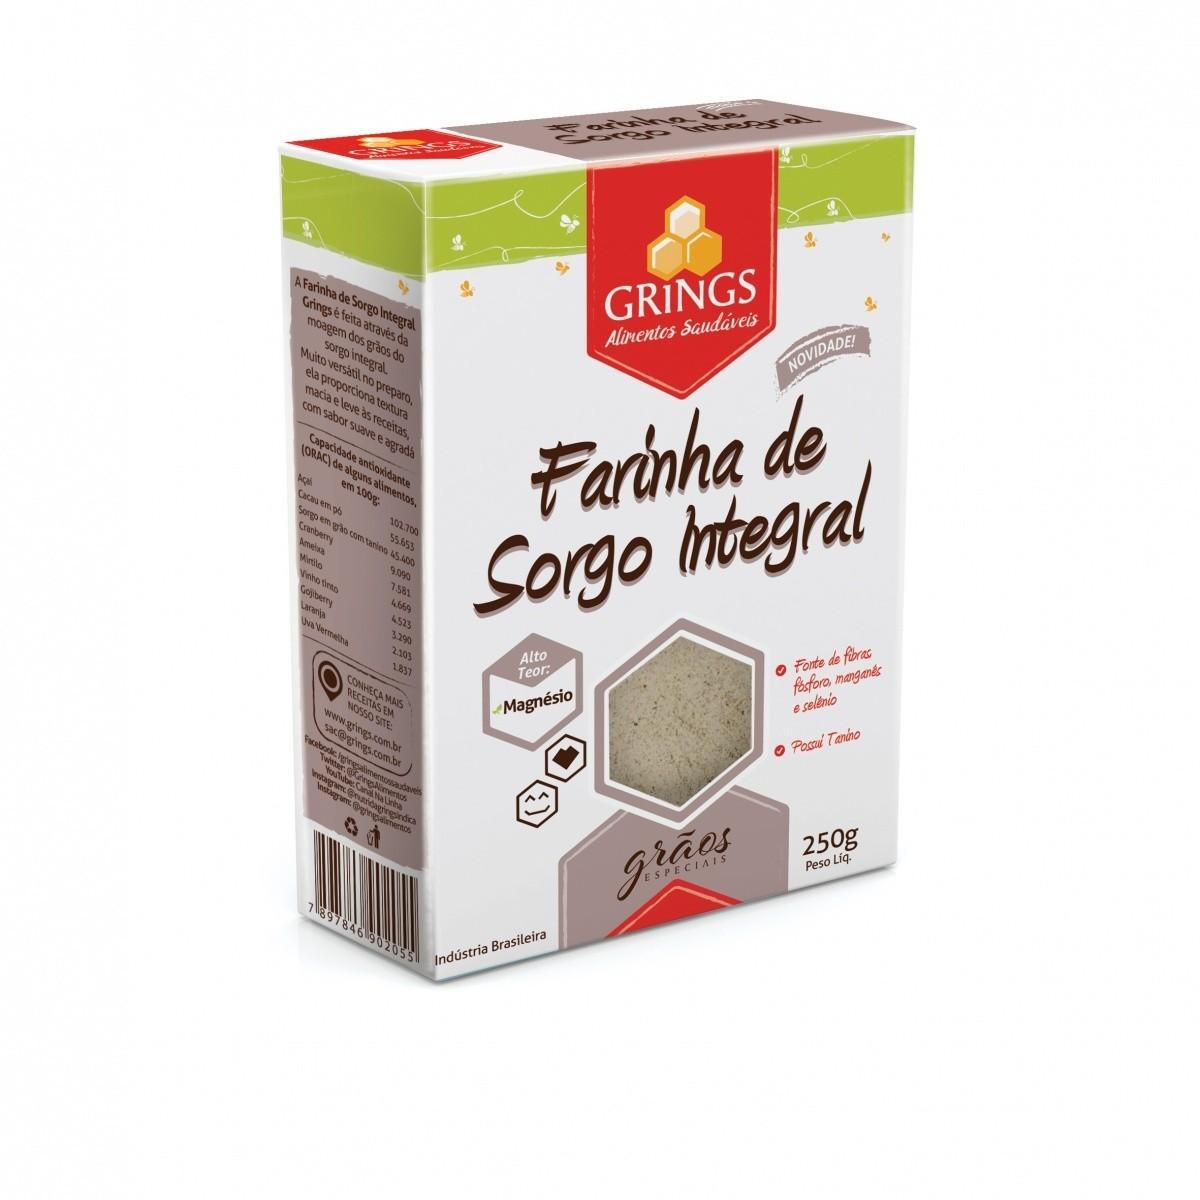 Farinha de Sorgo Integral 250g - Grings